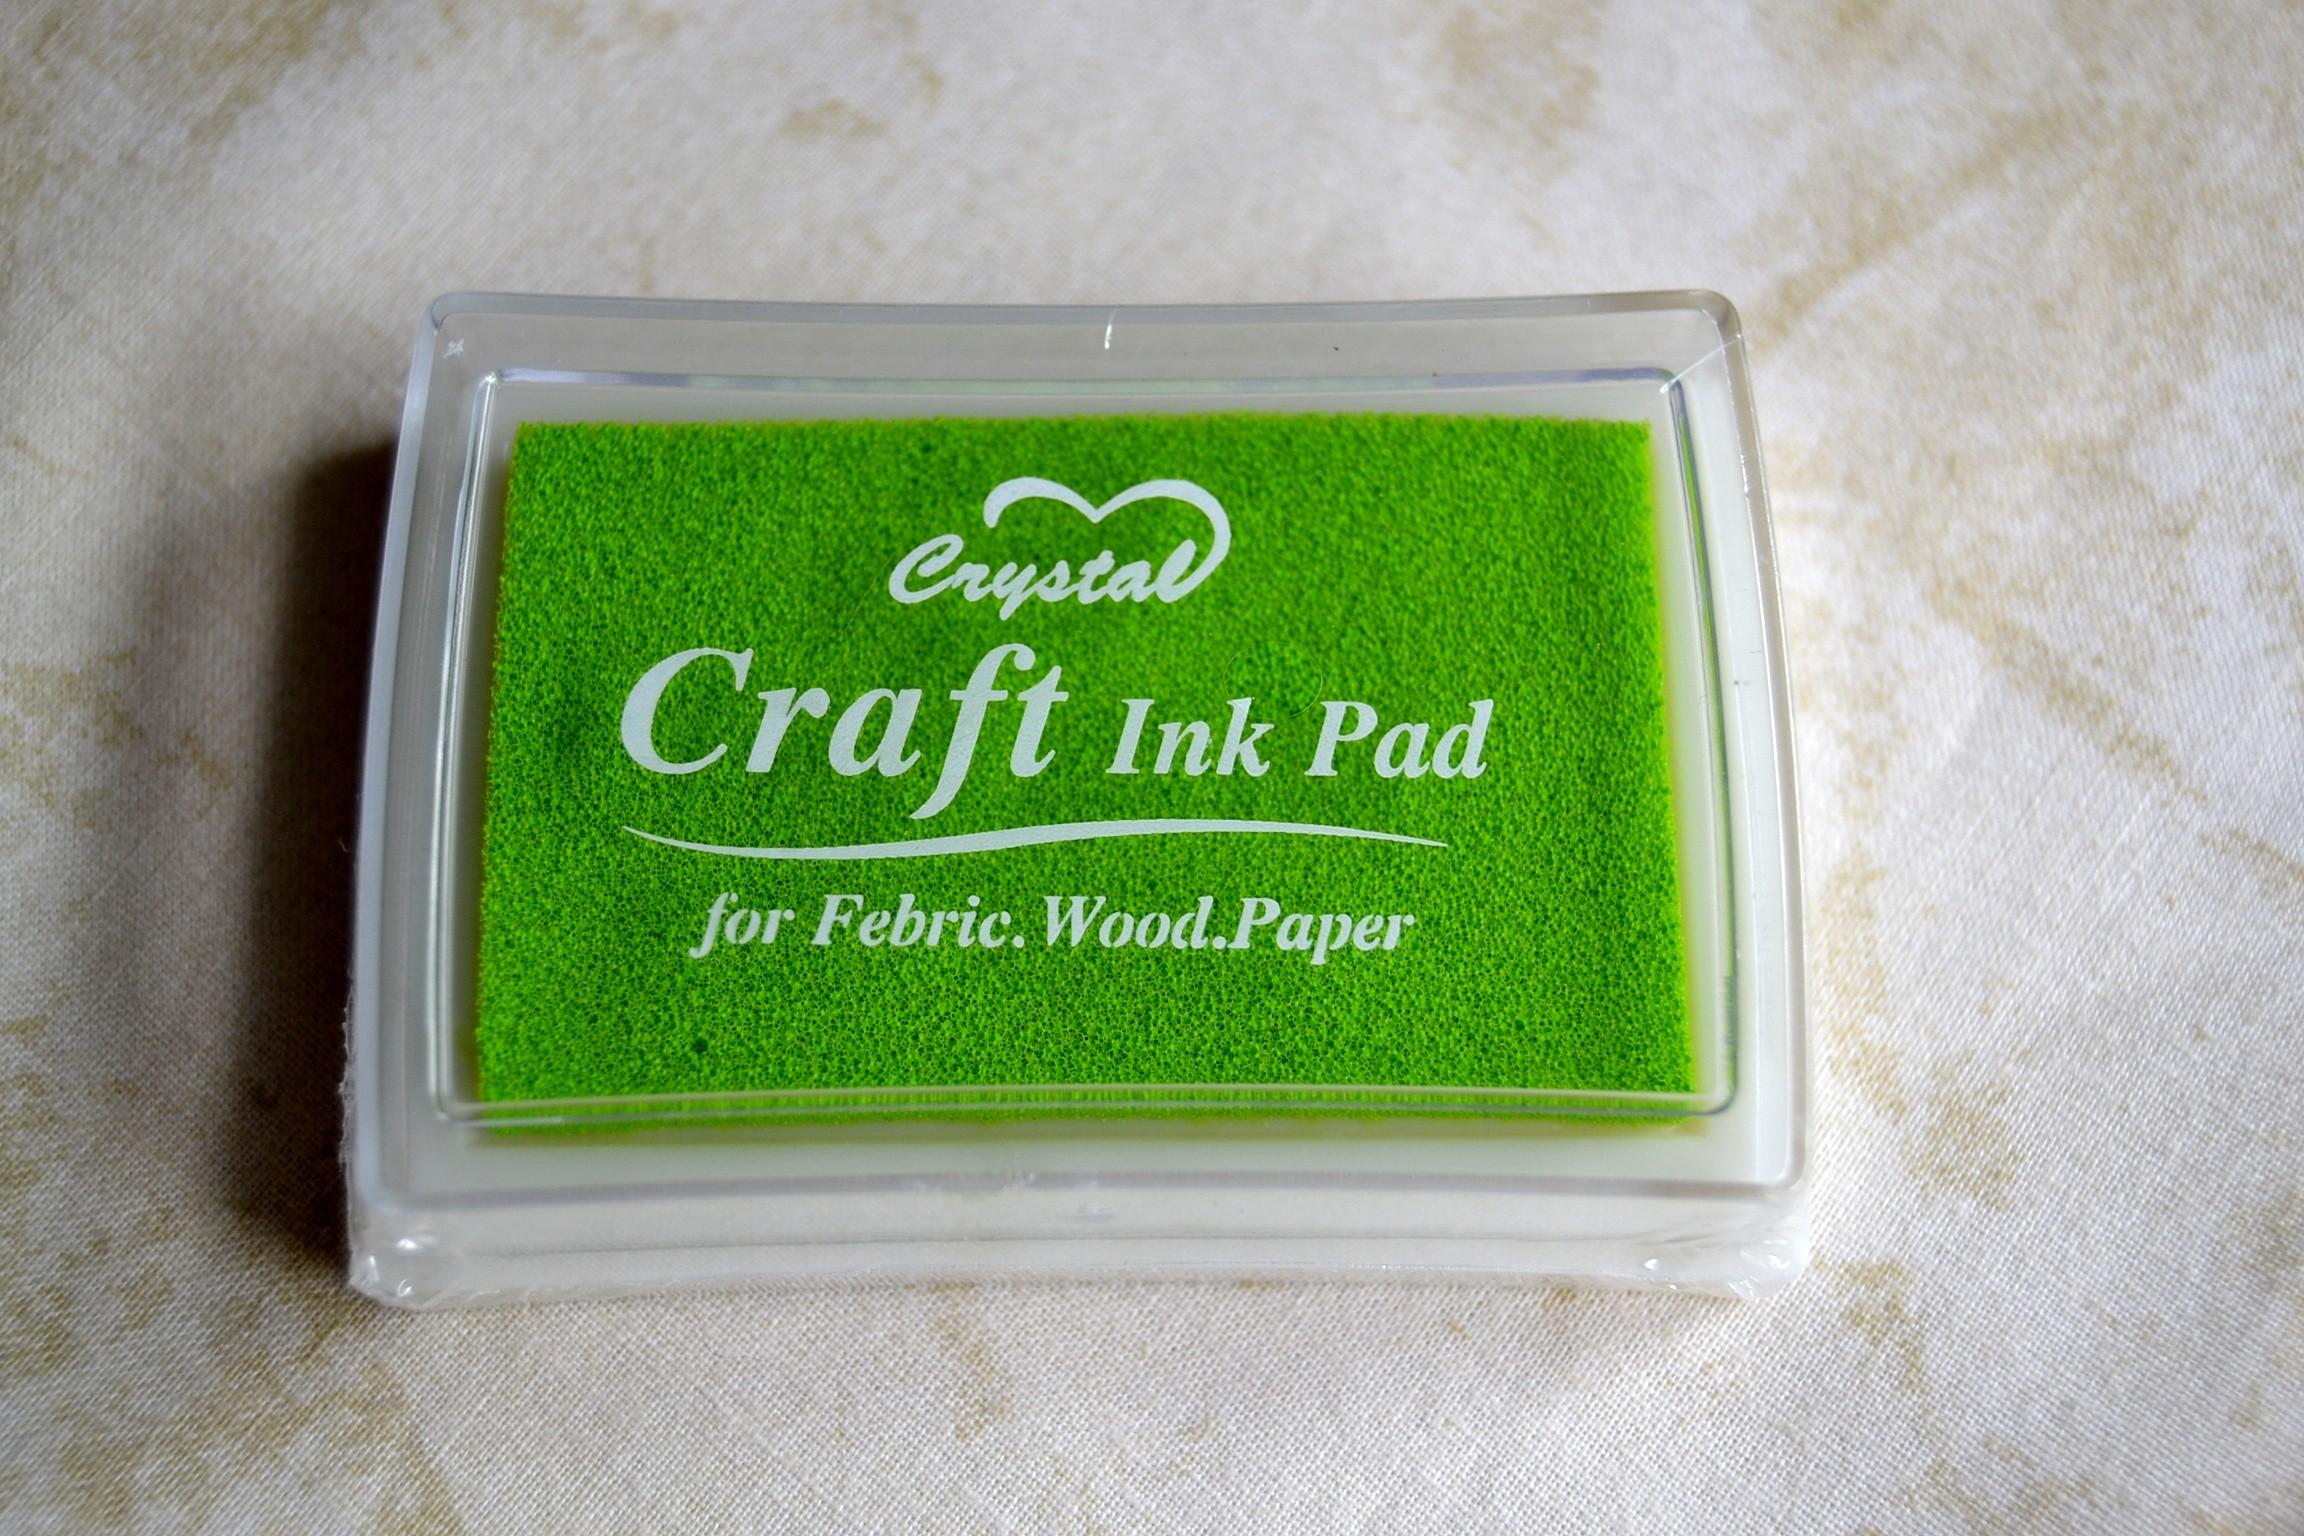 Tsukineko Brillantez Pigmento Inkpad Crafts Other Art Supplies Perlado Coral